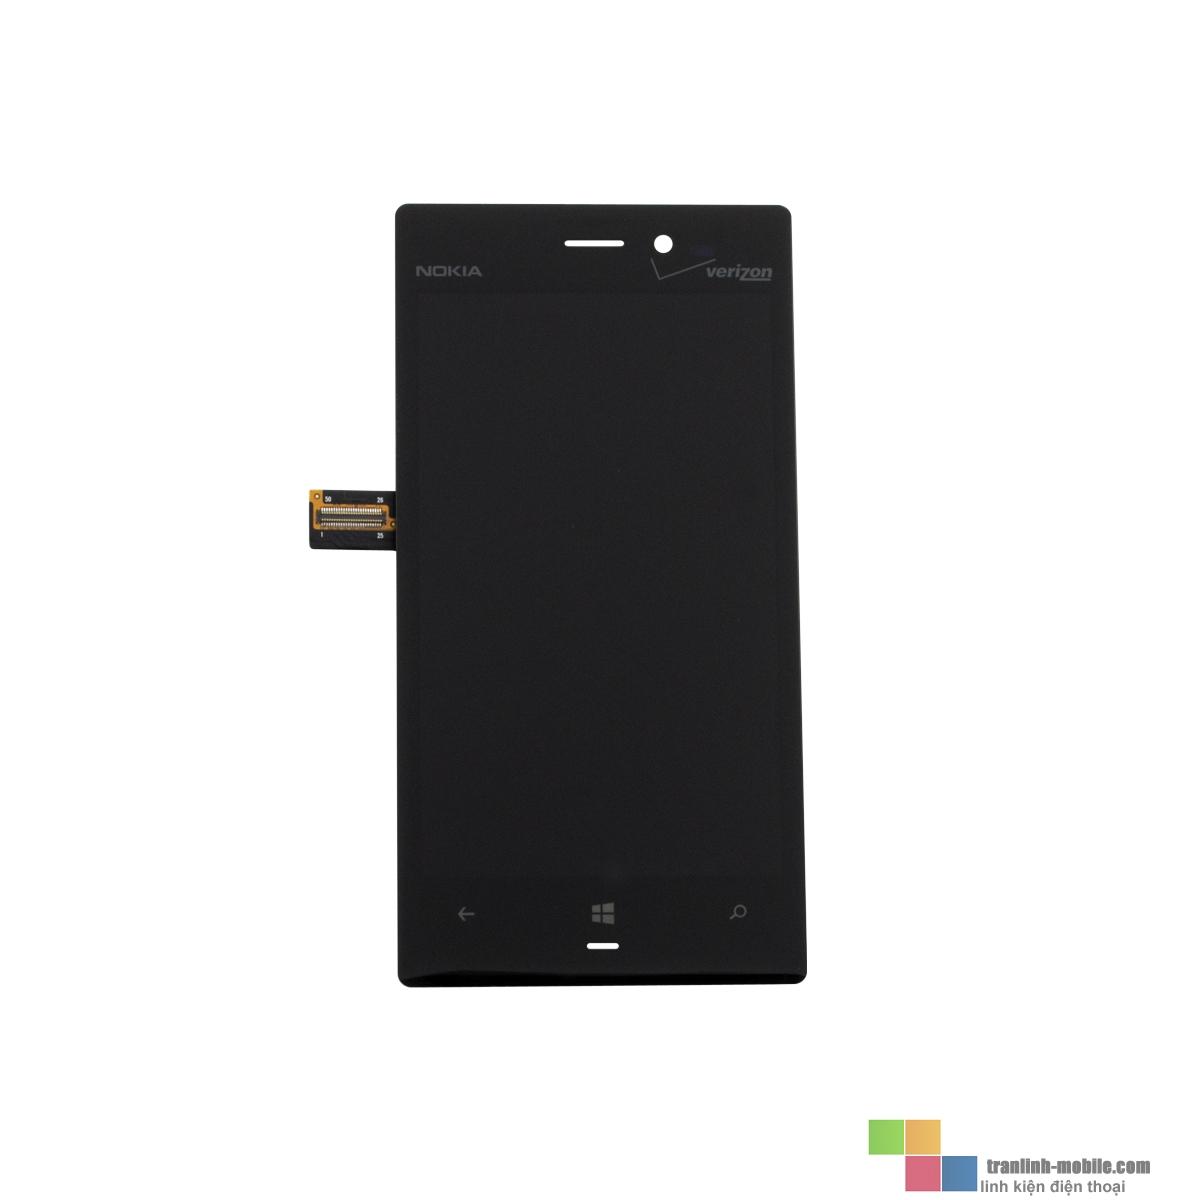 man-hinh-nokia-lumia-928